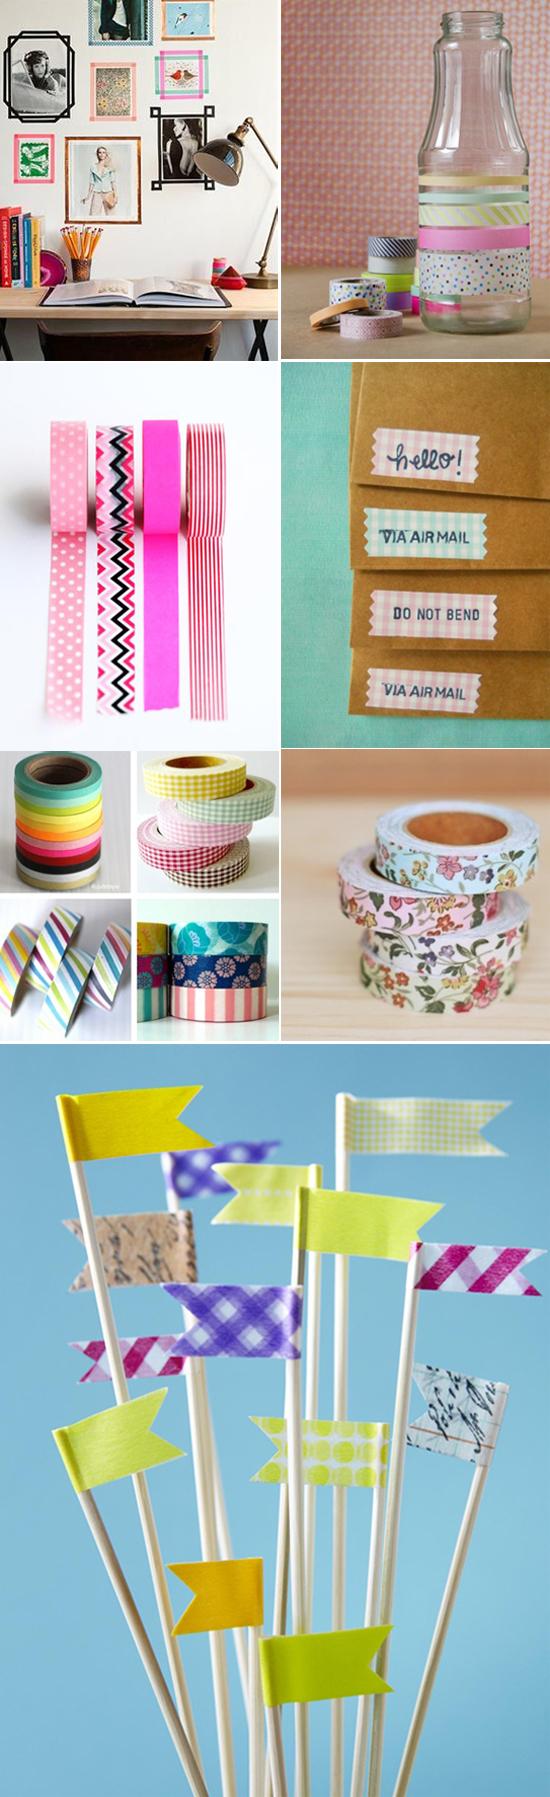 washi tape_nastro adesivo_decorazione